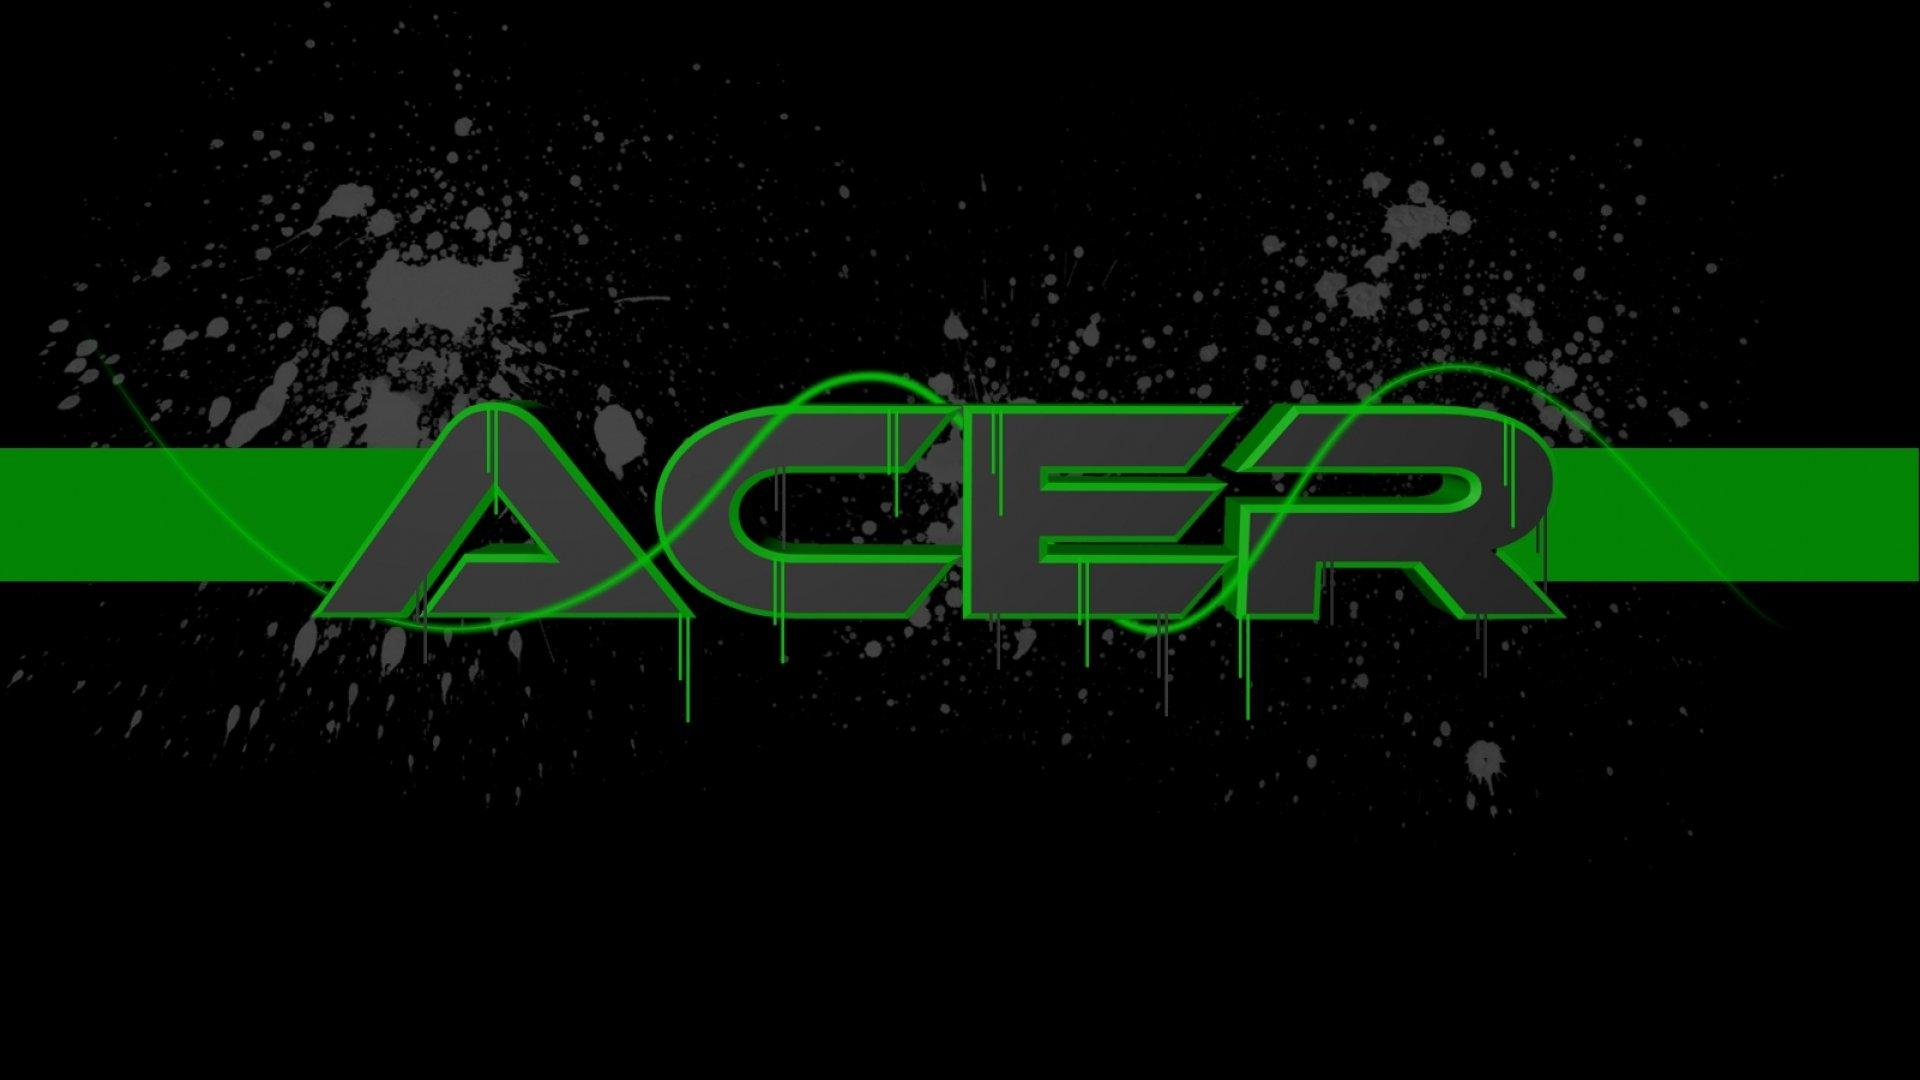 Predator >> ACER computer wallpaper | 1920x1080 | 421082 | WallpaperUP